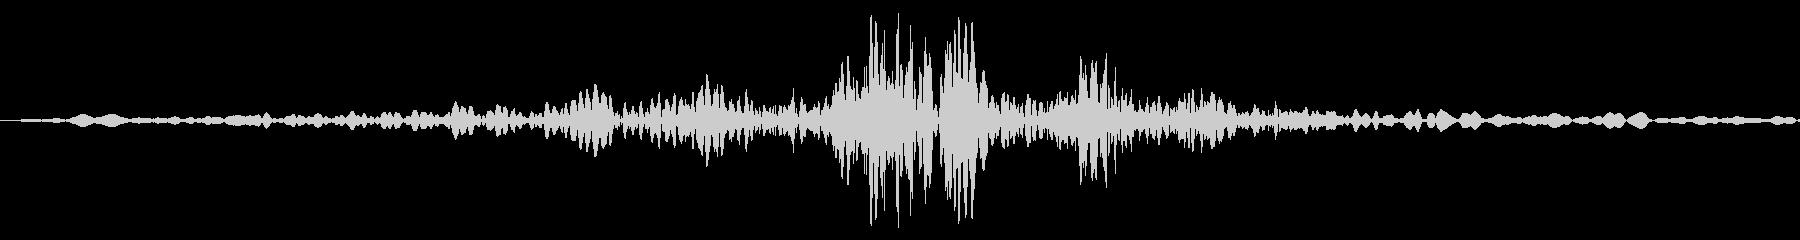 ビュンッ(棒状の物を振るSE)の未再生の波形